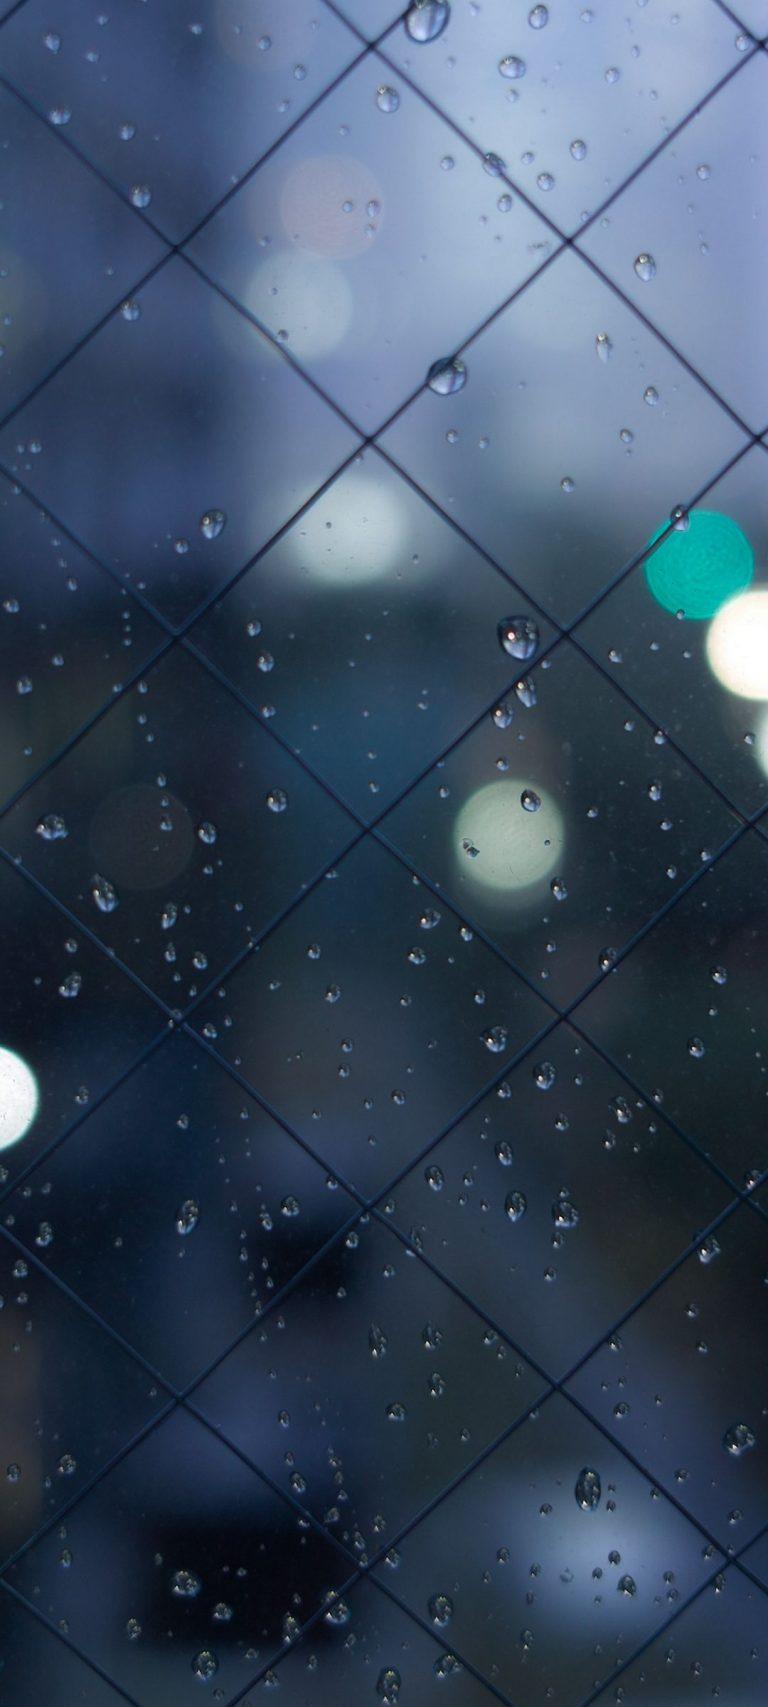 Fence Mesh Drops Texture 1080x2400 768x1707